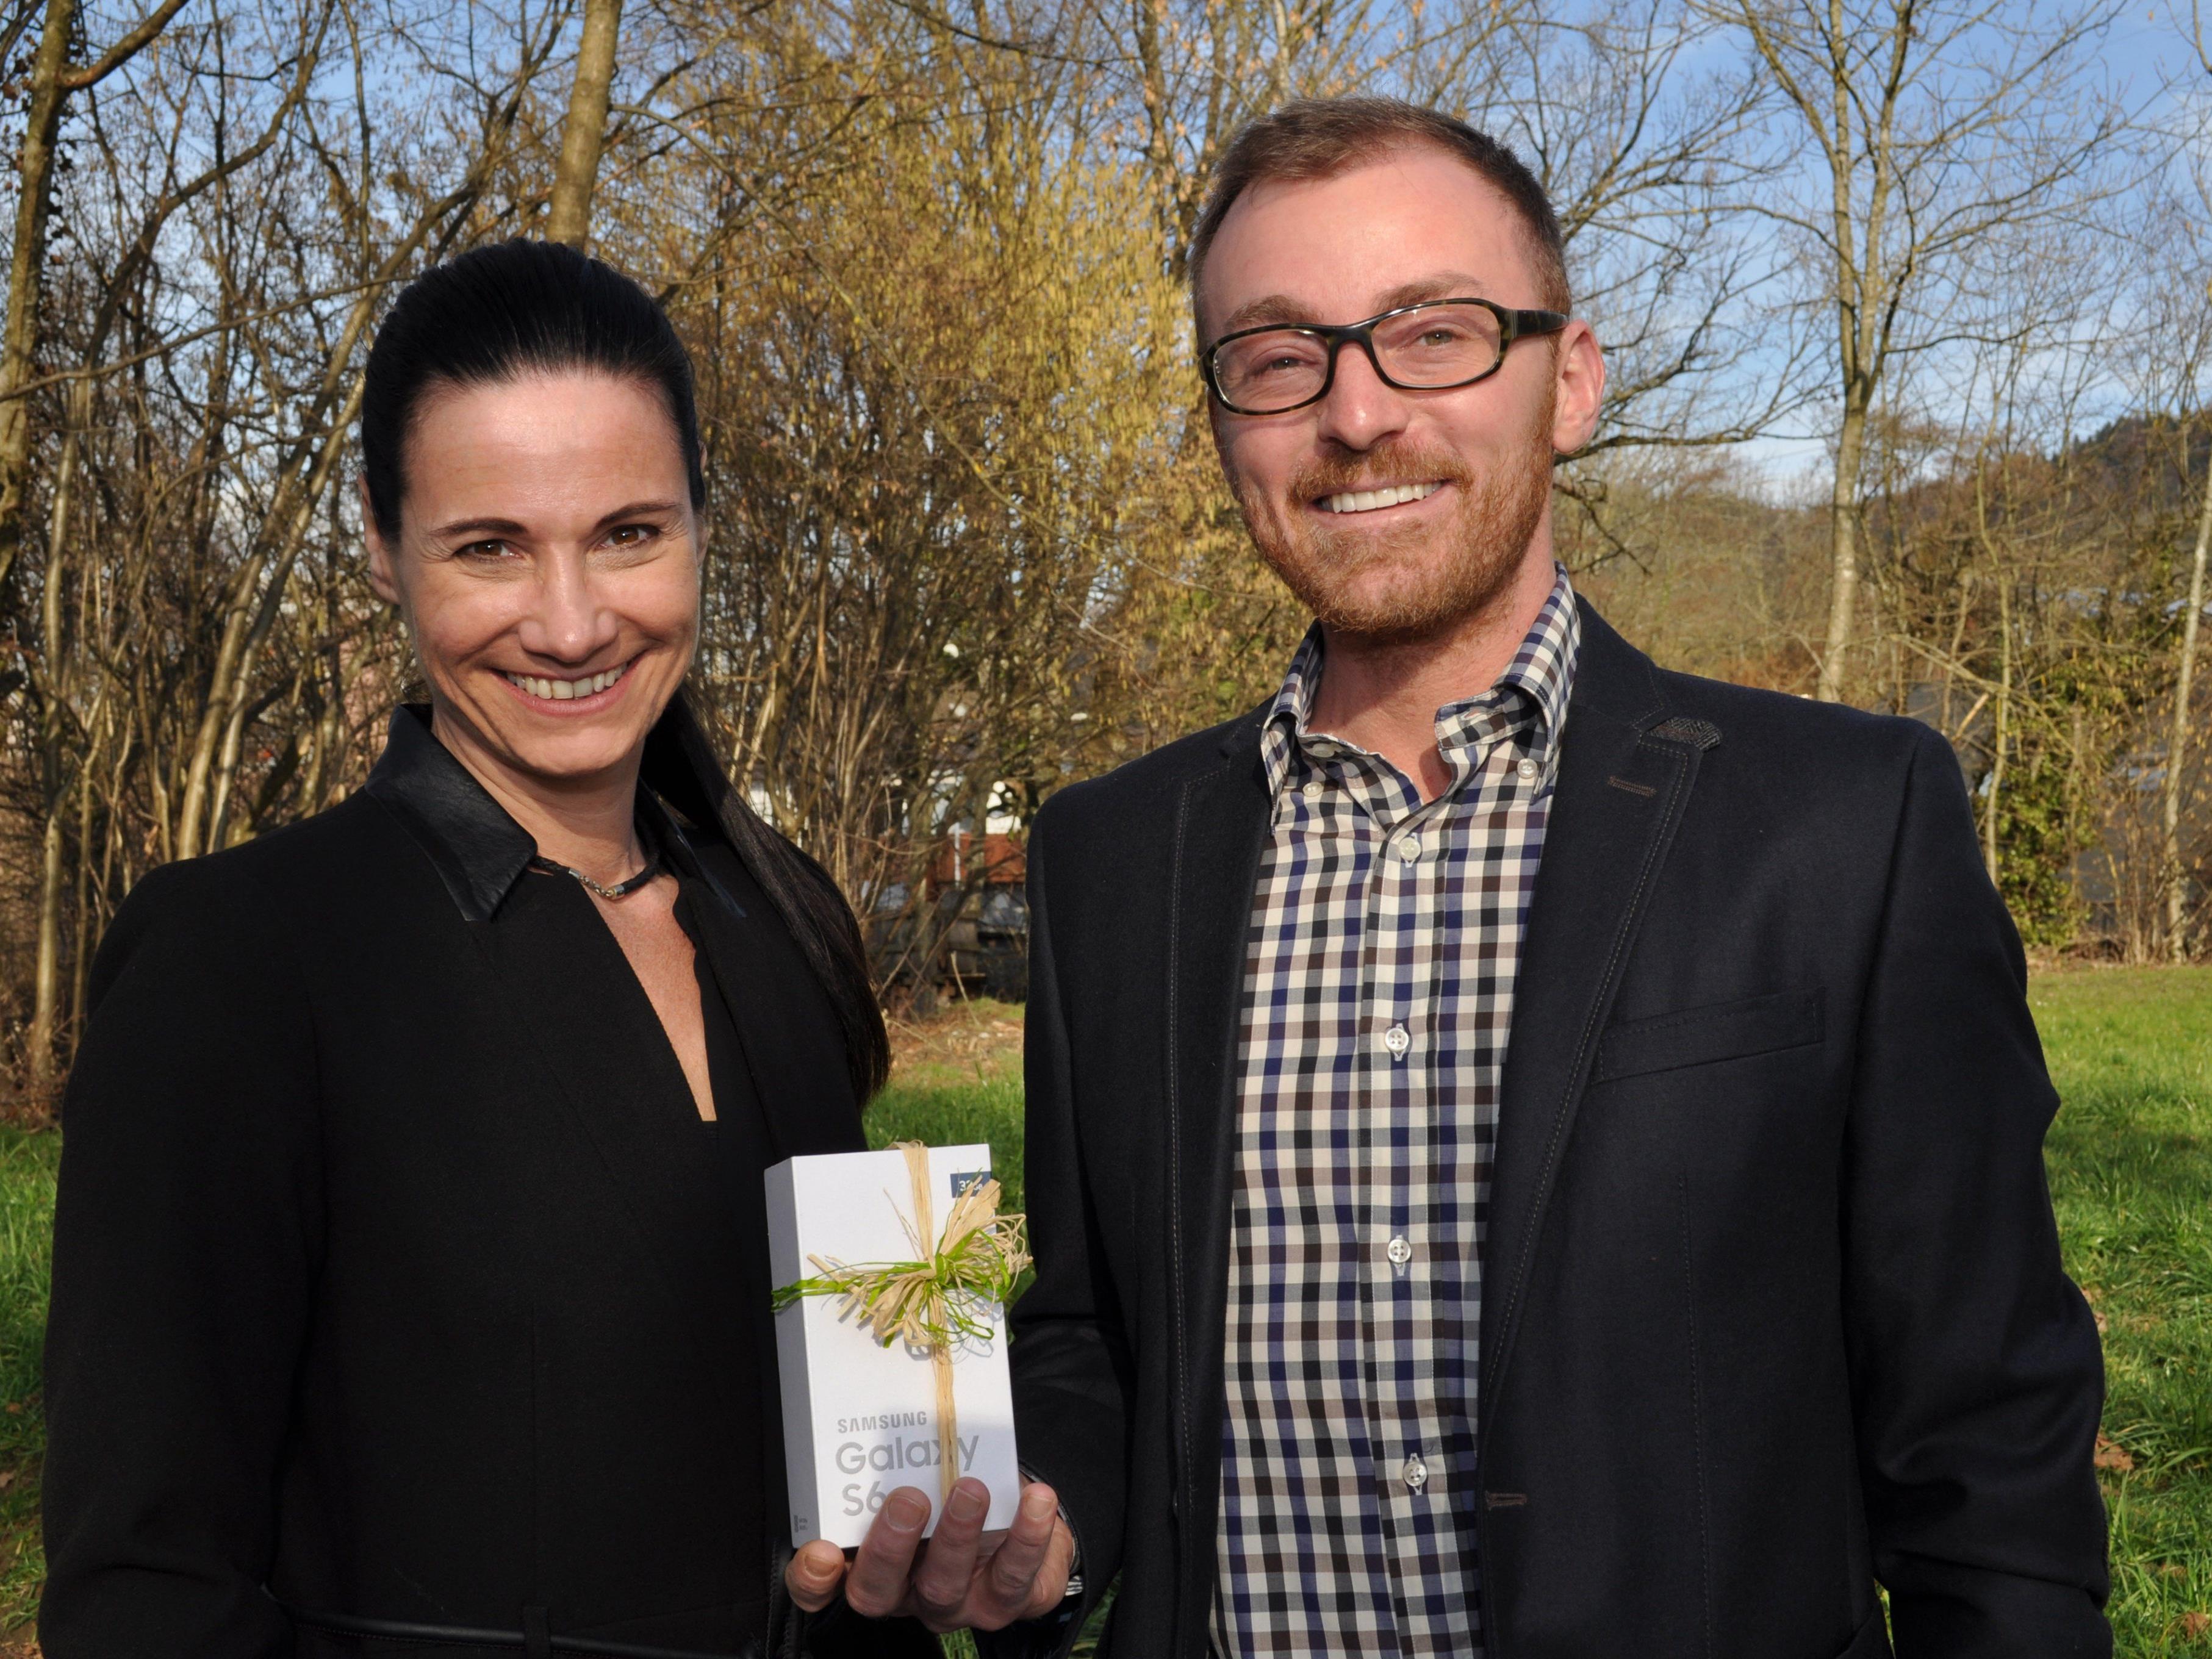 Barbara Stanzel, Leiterin der Sparkassenfiliale Leiblachtal, bei der Übergabe eines NFC-fähigen Smartphones an Herrn Wolfgang Vögel.